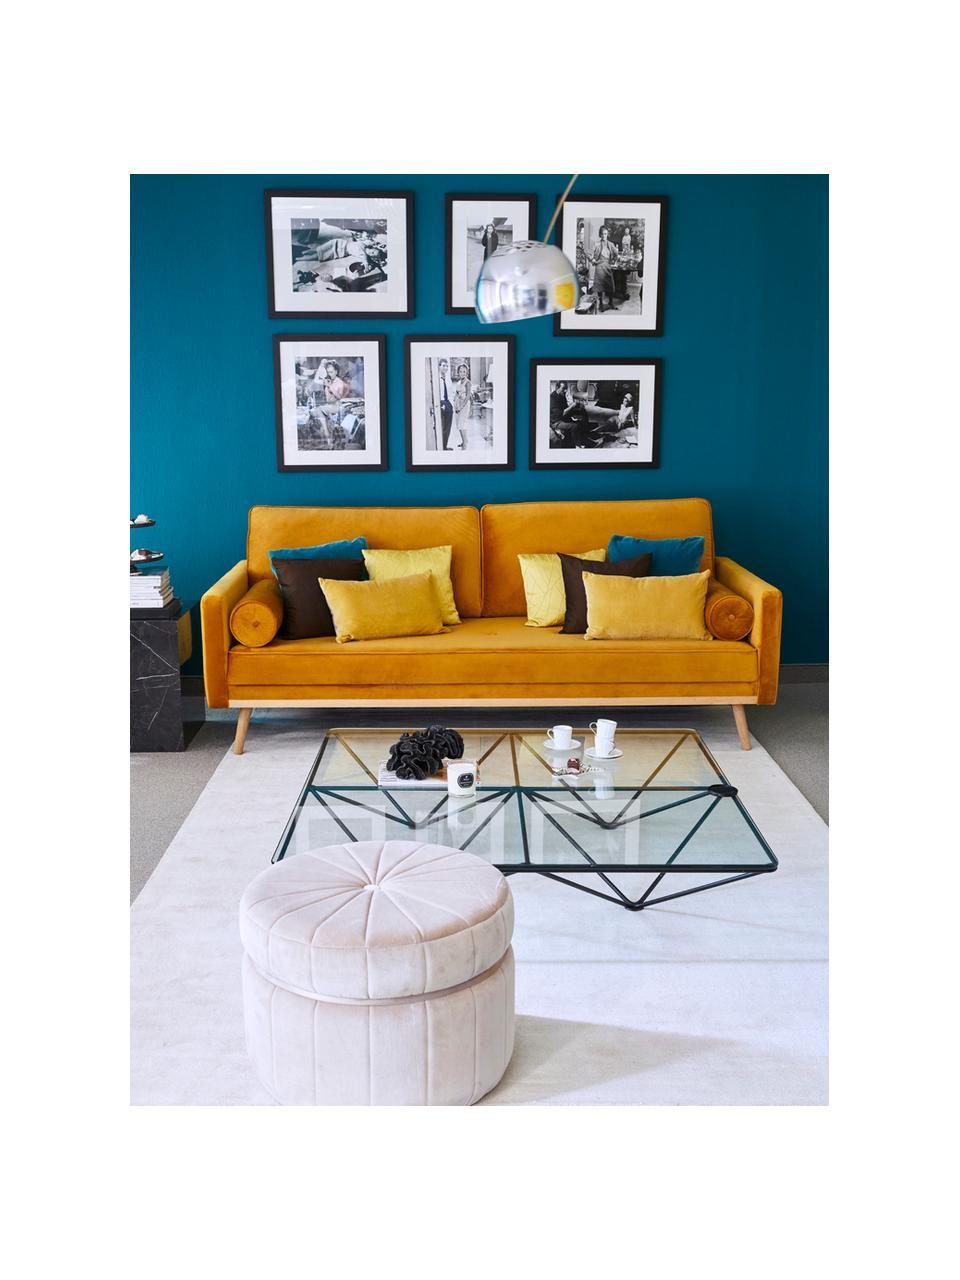 Divano 3 posti in velluto giallo senape Saint, Rivestimento: velluto (poliestere) 35.0, Struttura: legno di quercia massicci, Velluto giallo senape, Larg. 210 x Prof. 93 cm